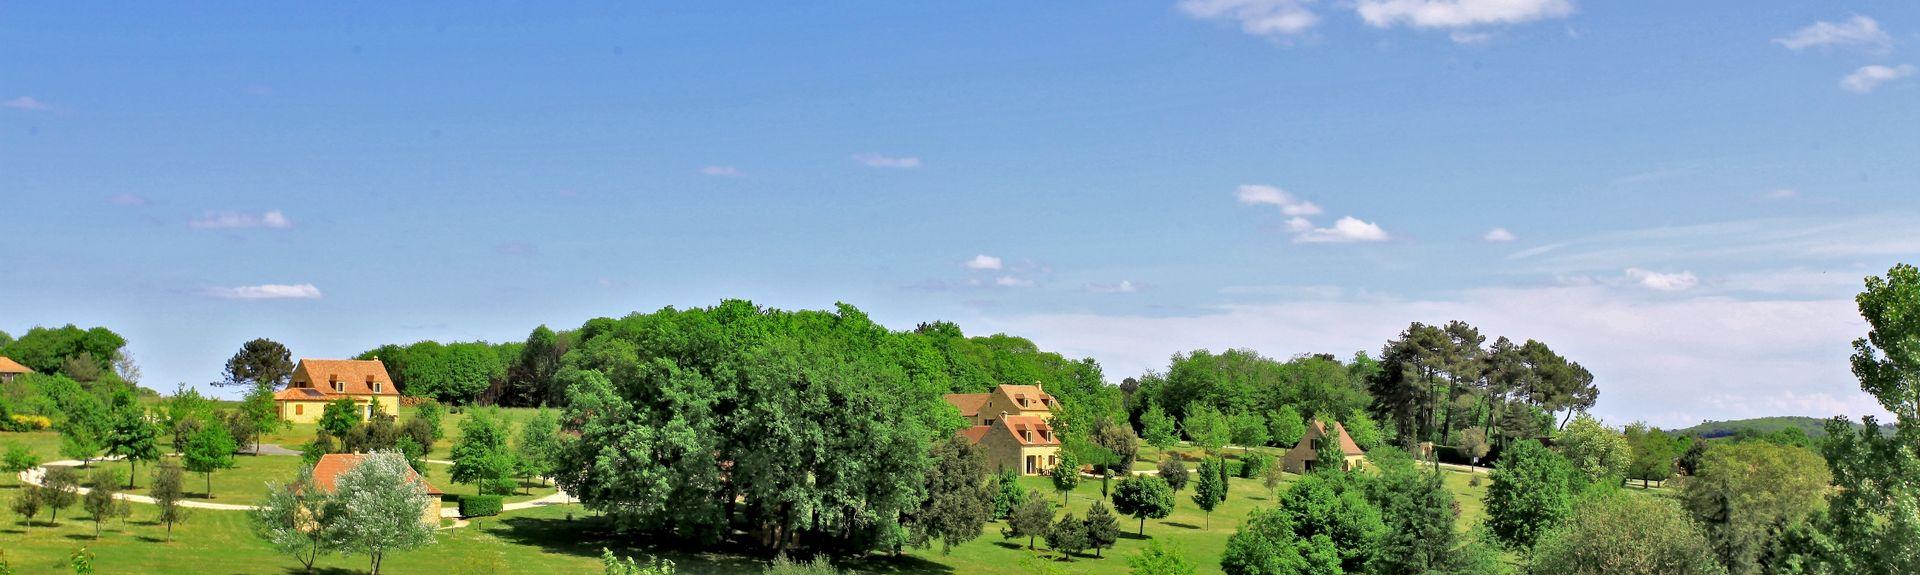 Ζινιάκ, Causses et Vallée de la Dordogne, Οξιτανί, Γαλλία